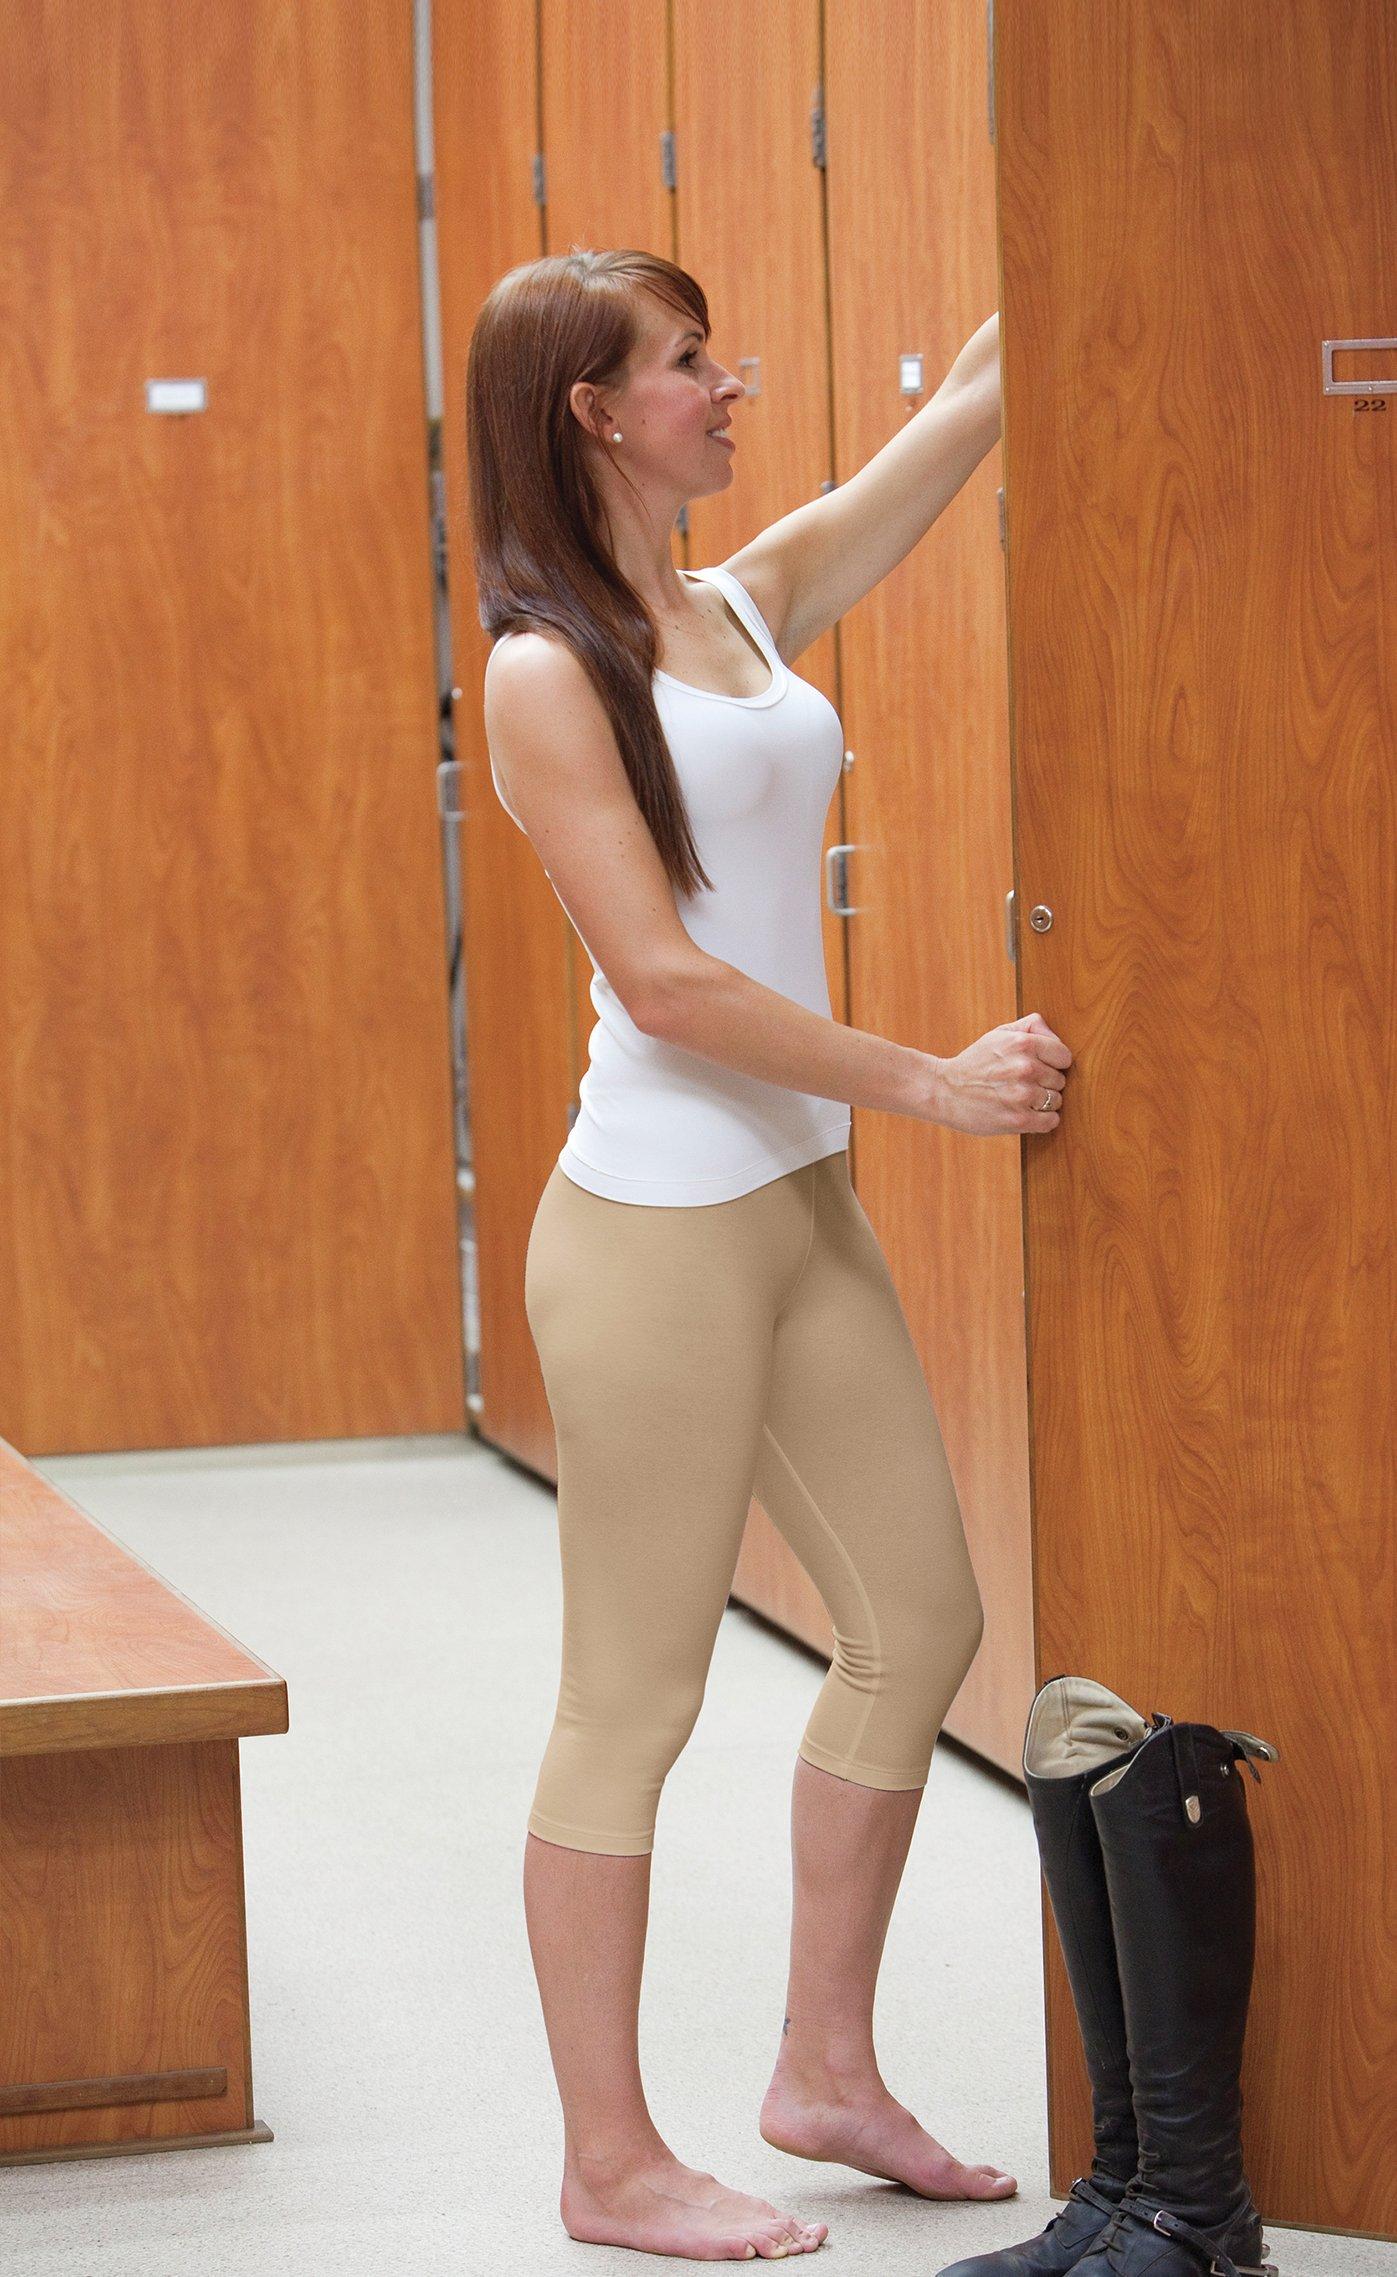 Equestrian Underwear Image